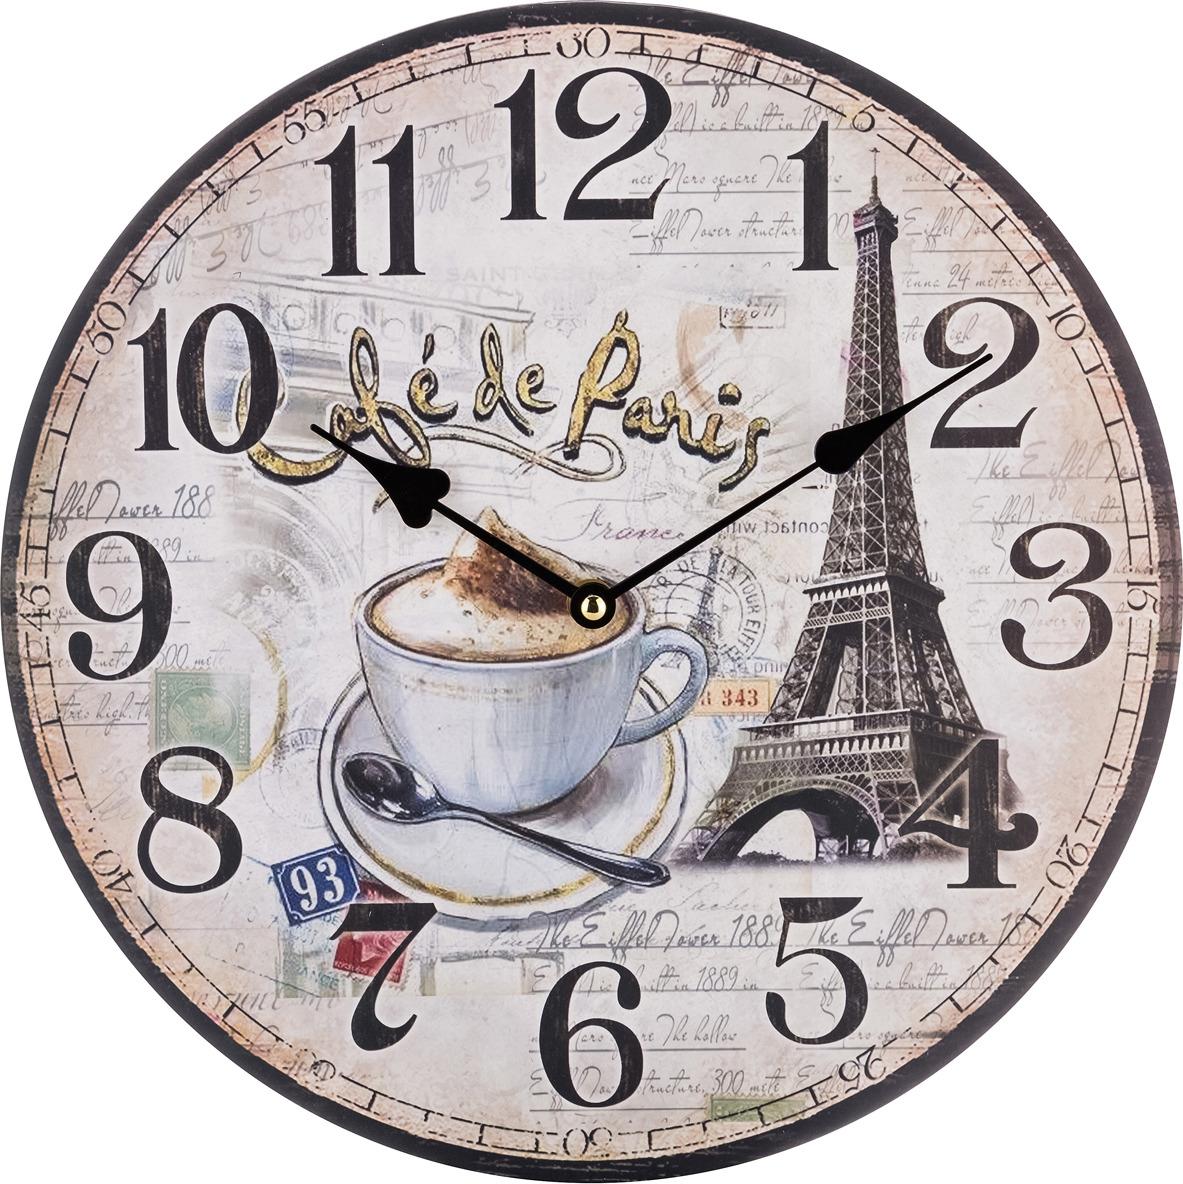 Настенные часы Lefard Париж, 799-153, 34 х 34 х 4,5 см